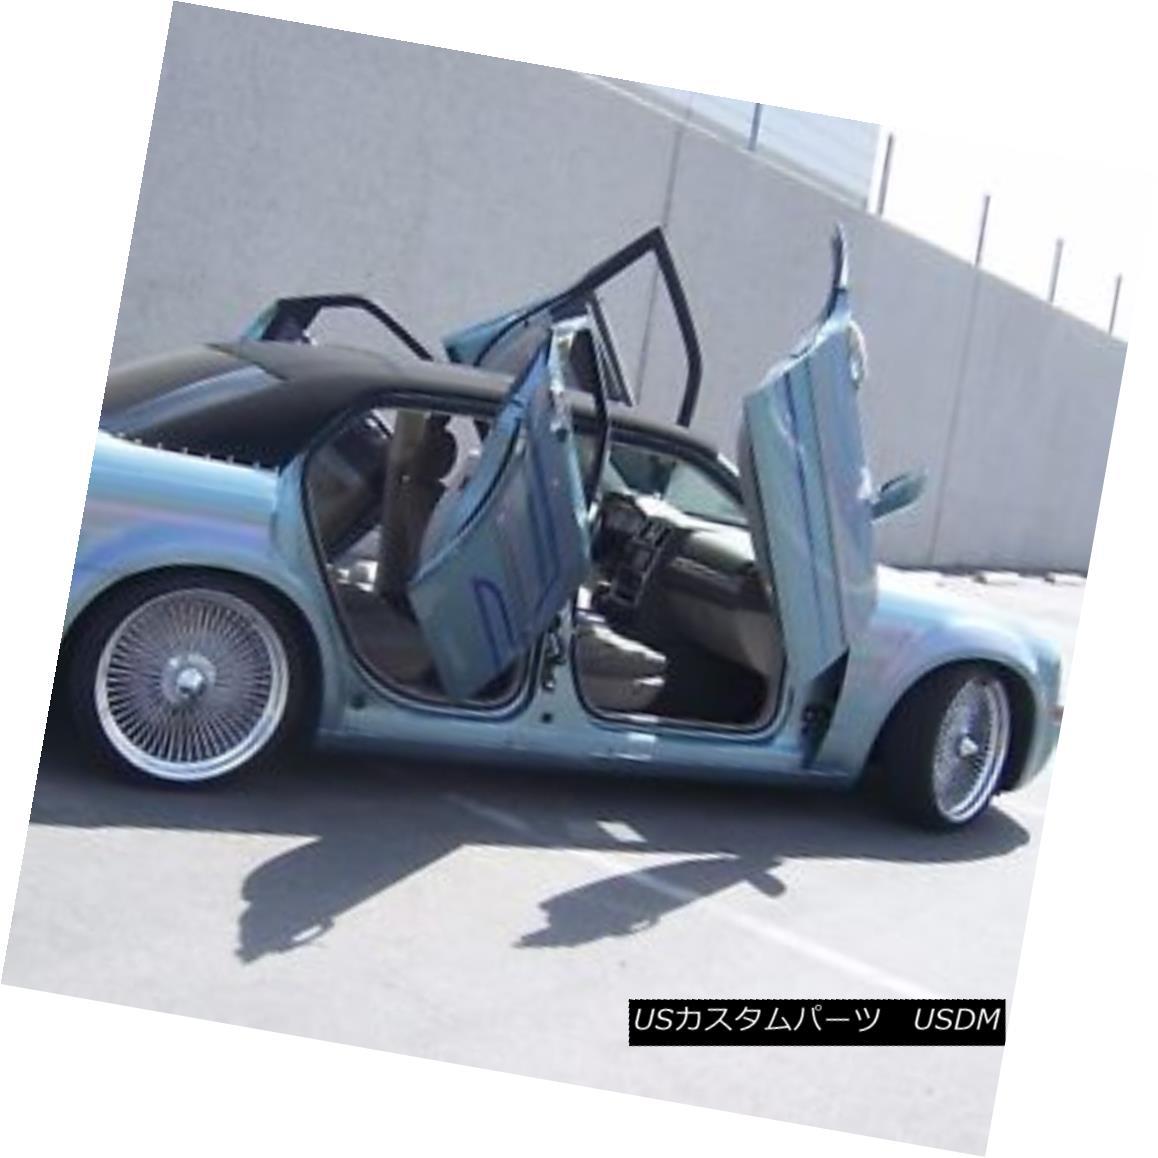 買い誠実 ガルウィングキット VDI Chrysler Chrysler VDI 300 300 2004-2010 Rear Door Bolt-On Vertical Lambo Doors VDI Chrysler 300 2004-2010リアドアボルトオン式垂直ランボルフト, カッタグン:8476e40e --- blacktieclassic.com.au